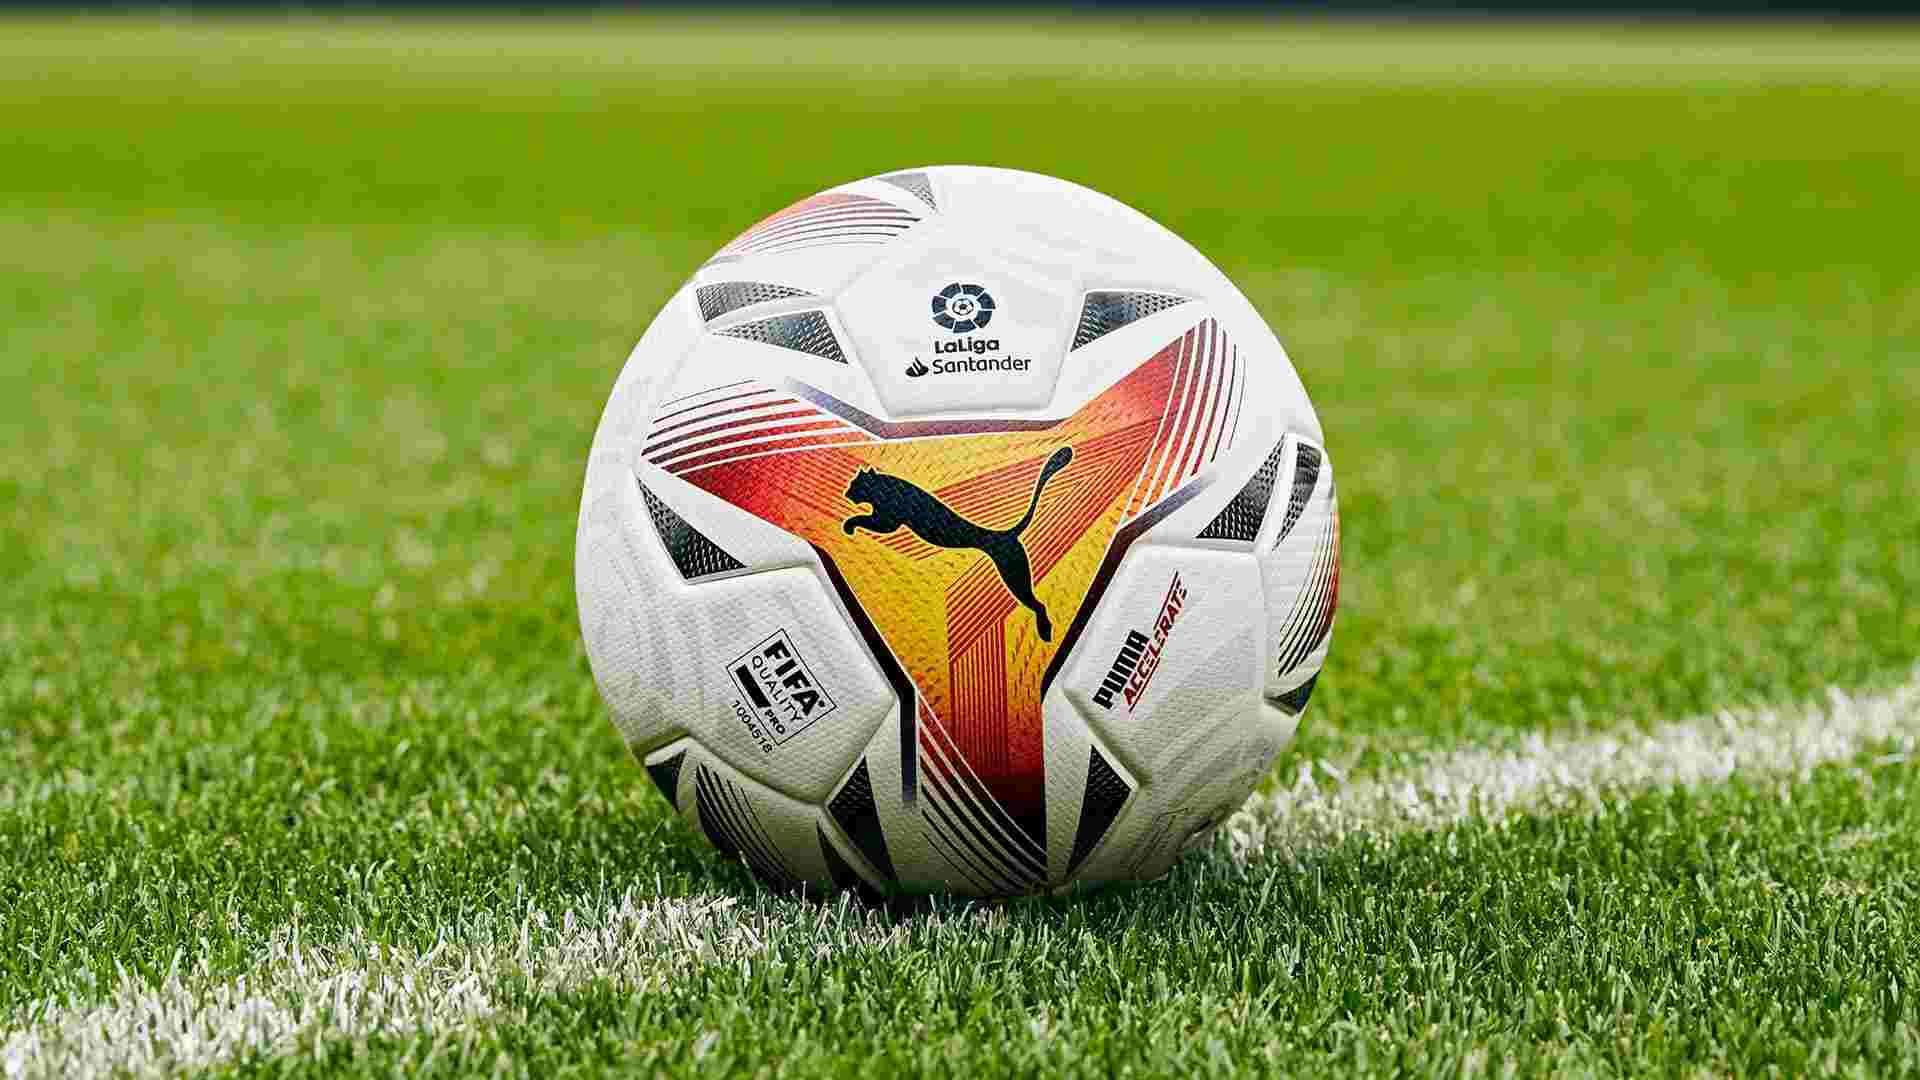 PUMA y LaLiga presentan un nuevo balón para la temporada 2021/2022